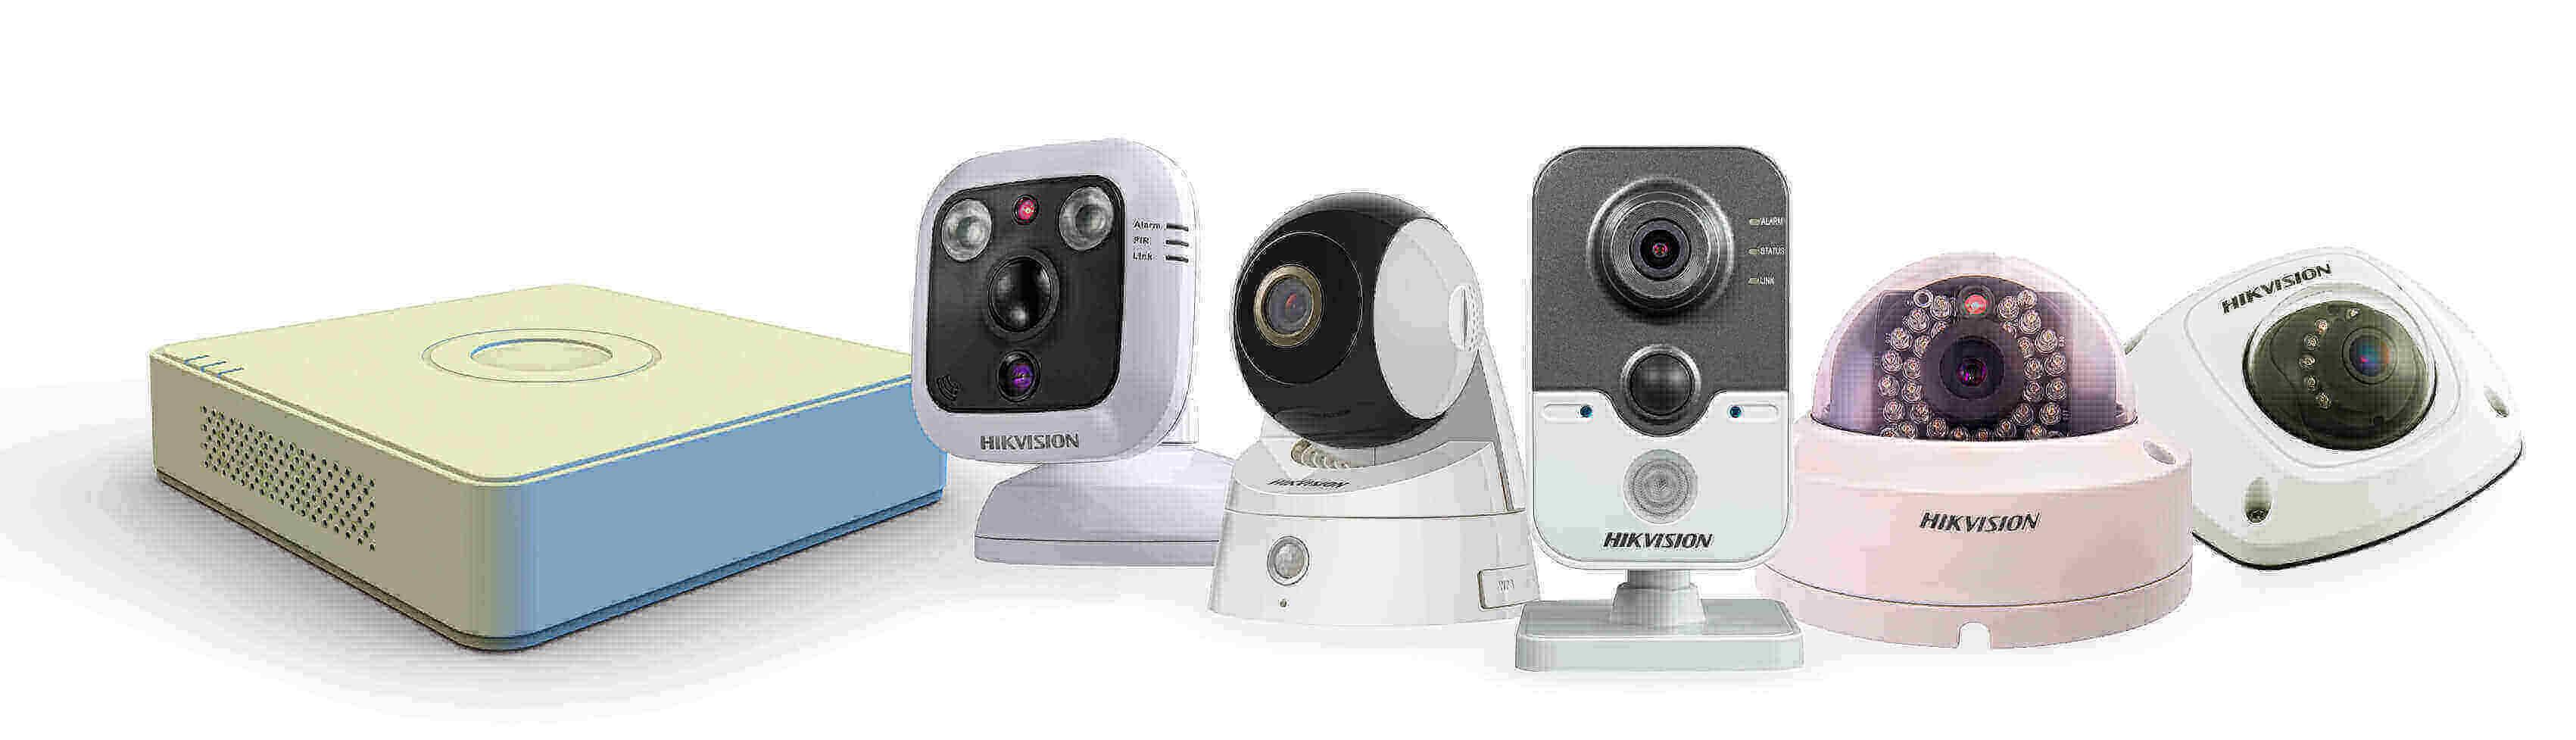 Cámaras y grabador IP de Hikvision